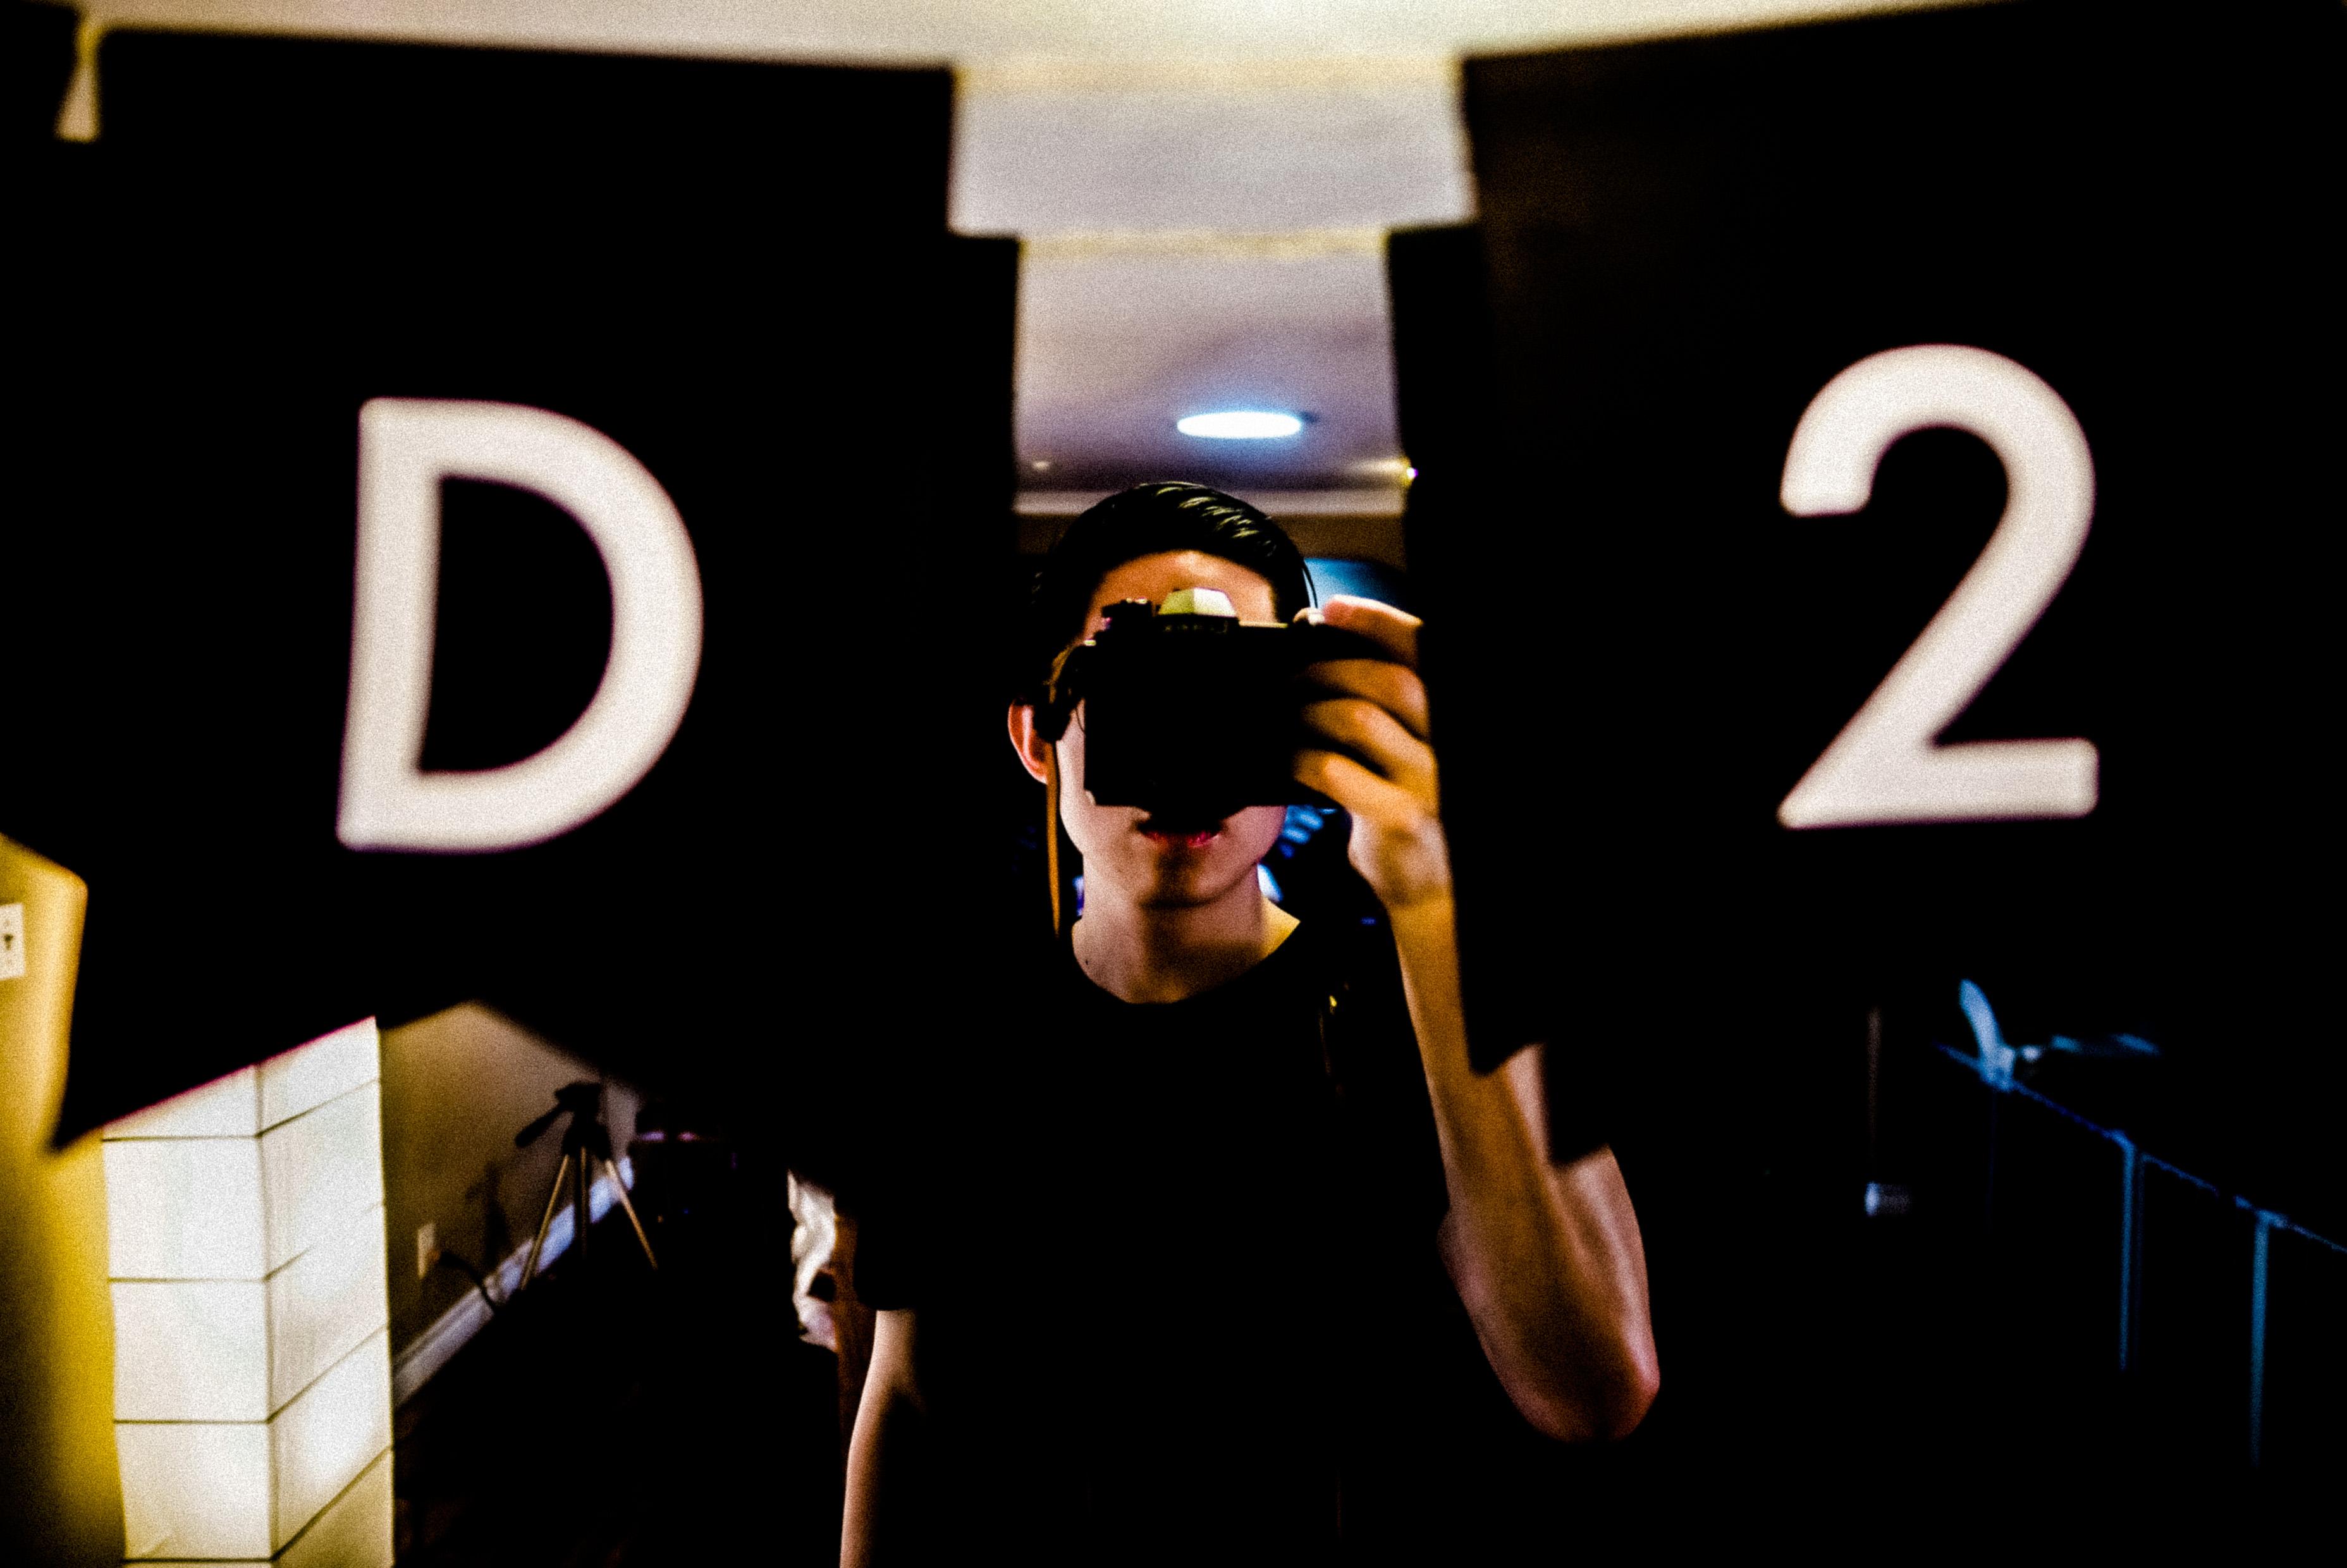 d2 selfie